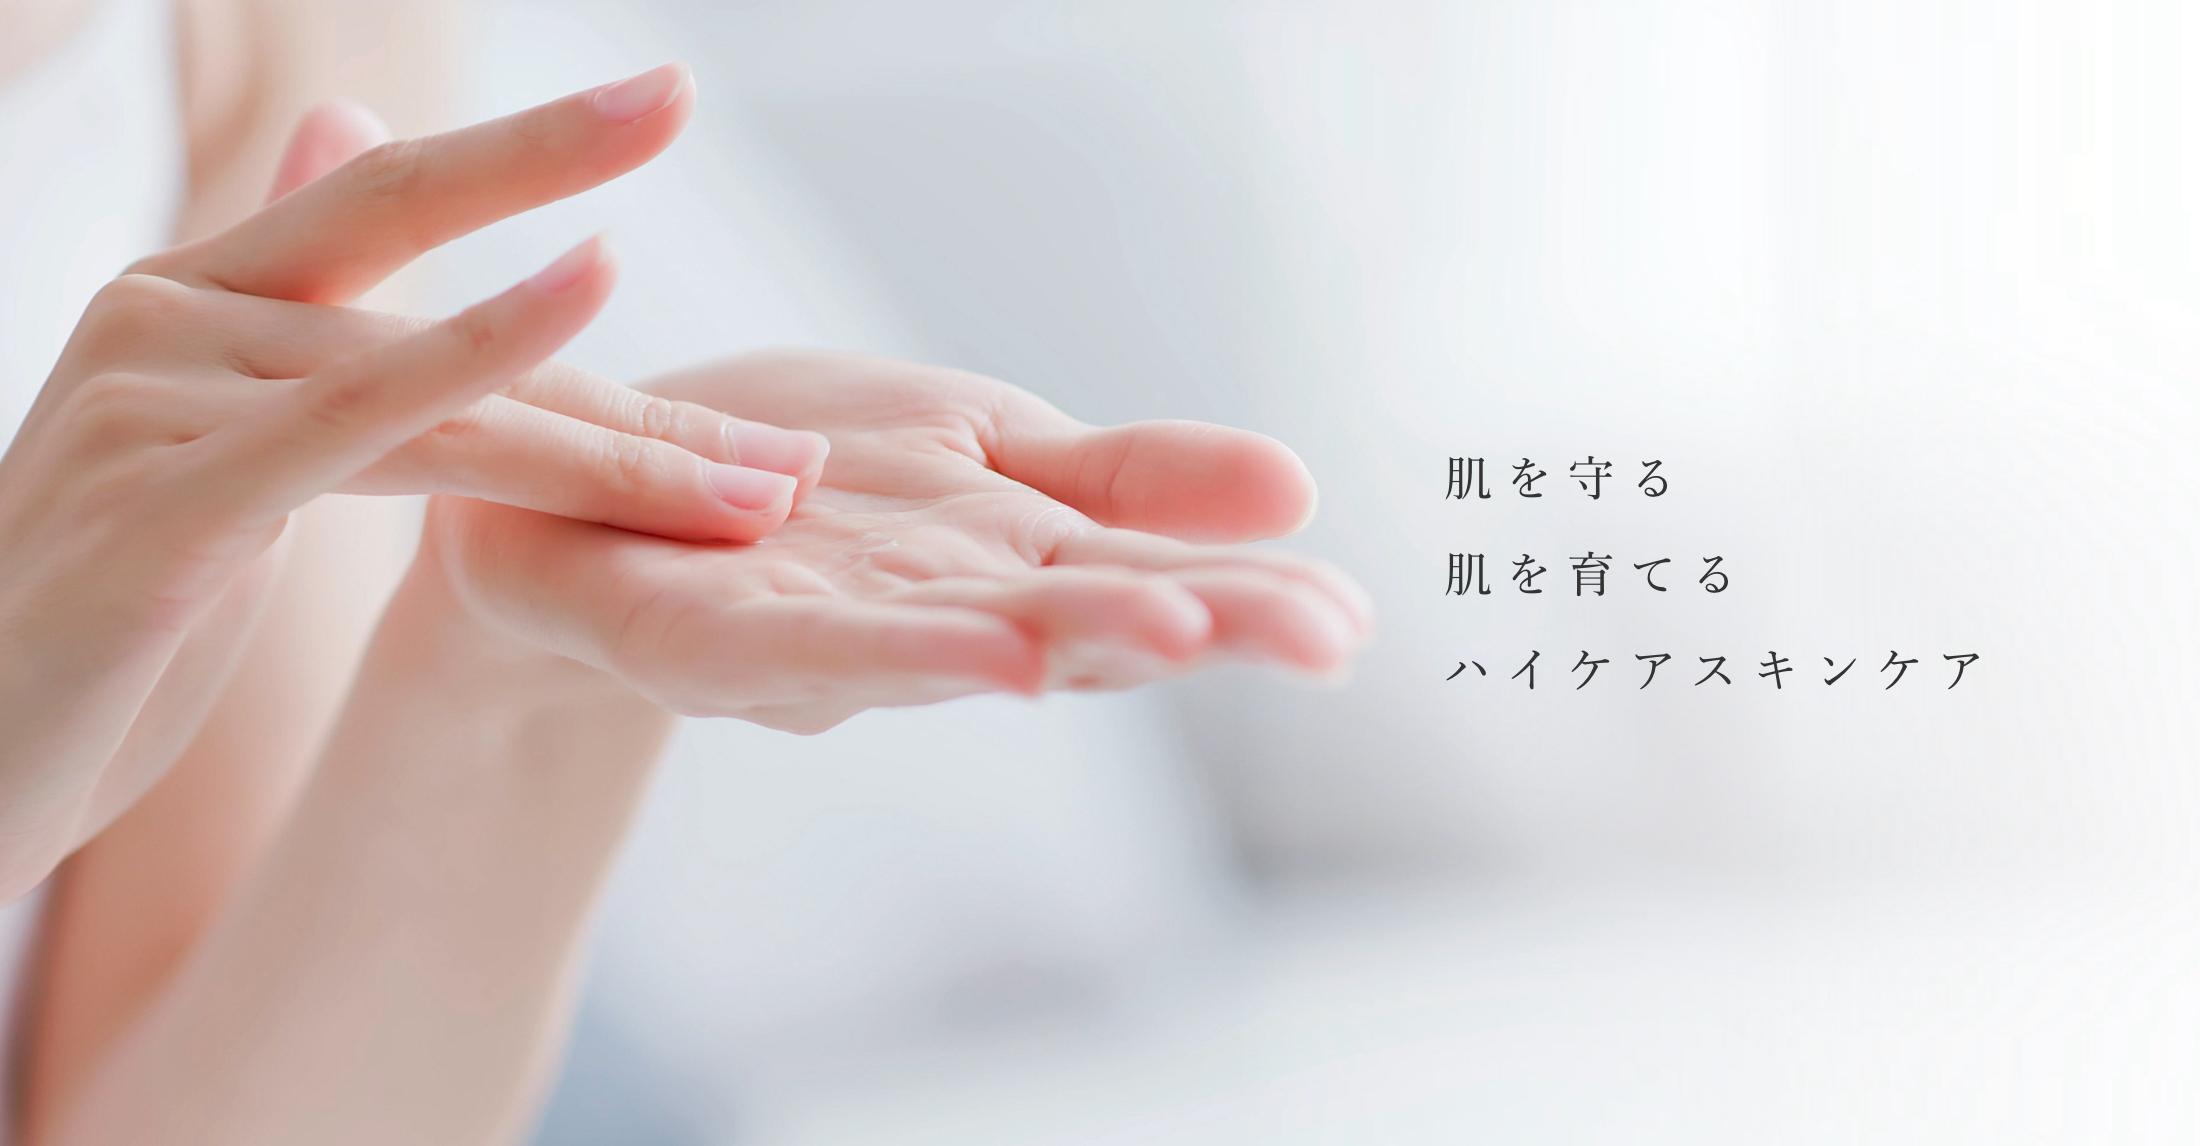 肌を守る 肌を育てる ハイケアスキンケア